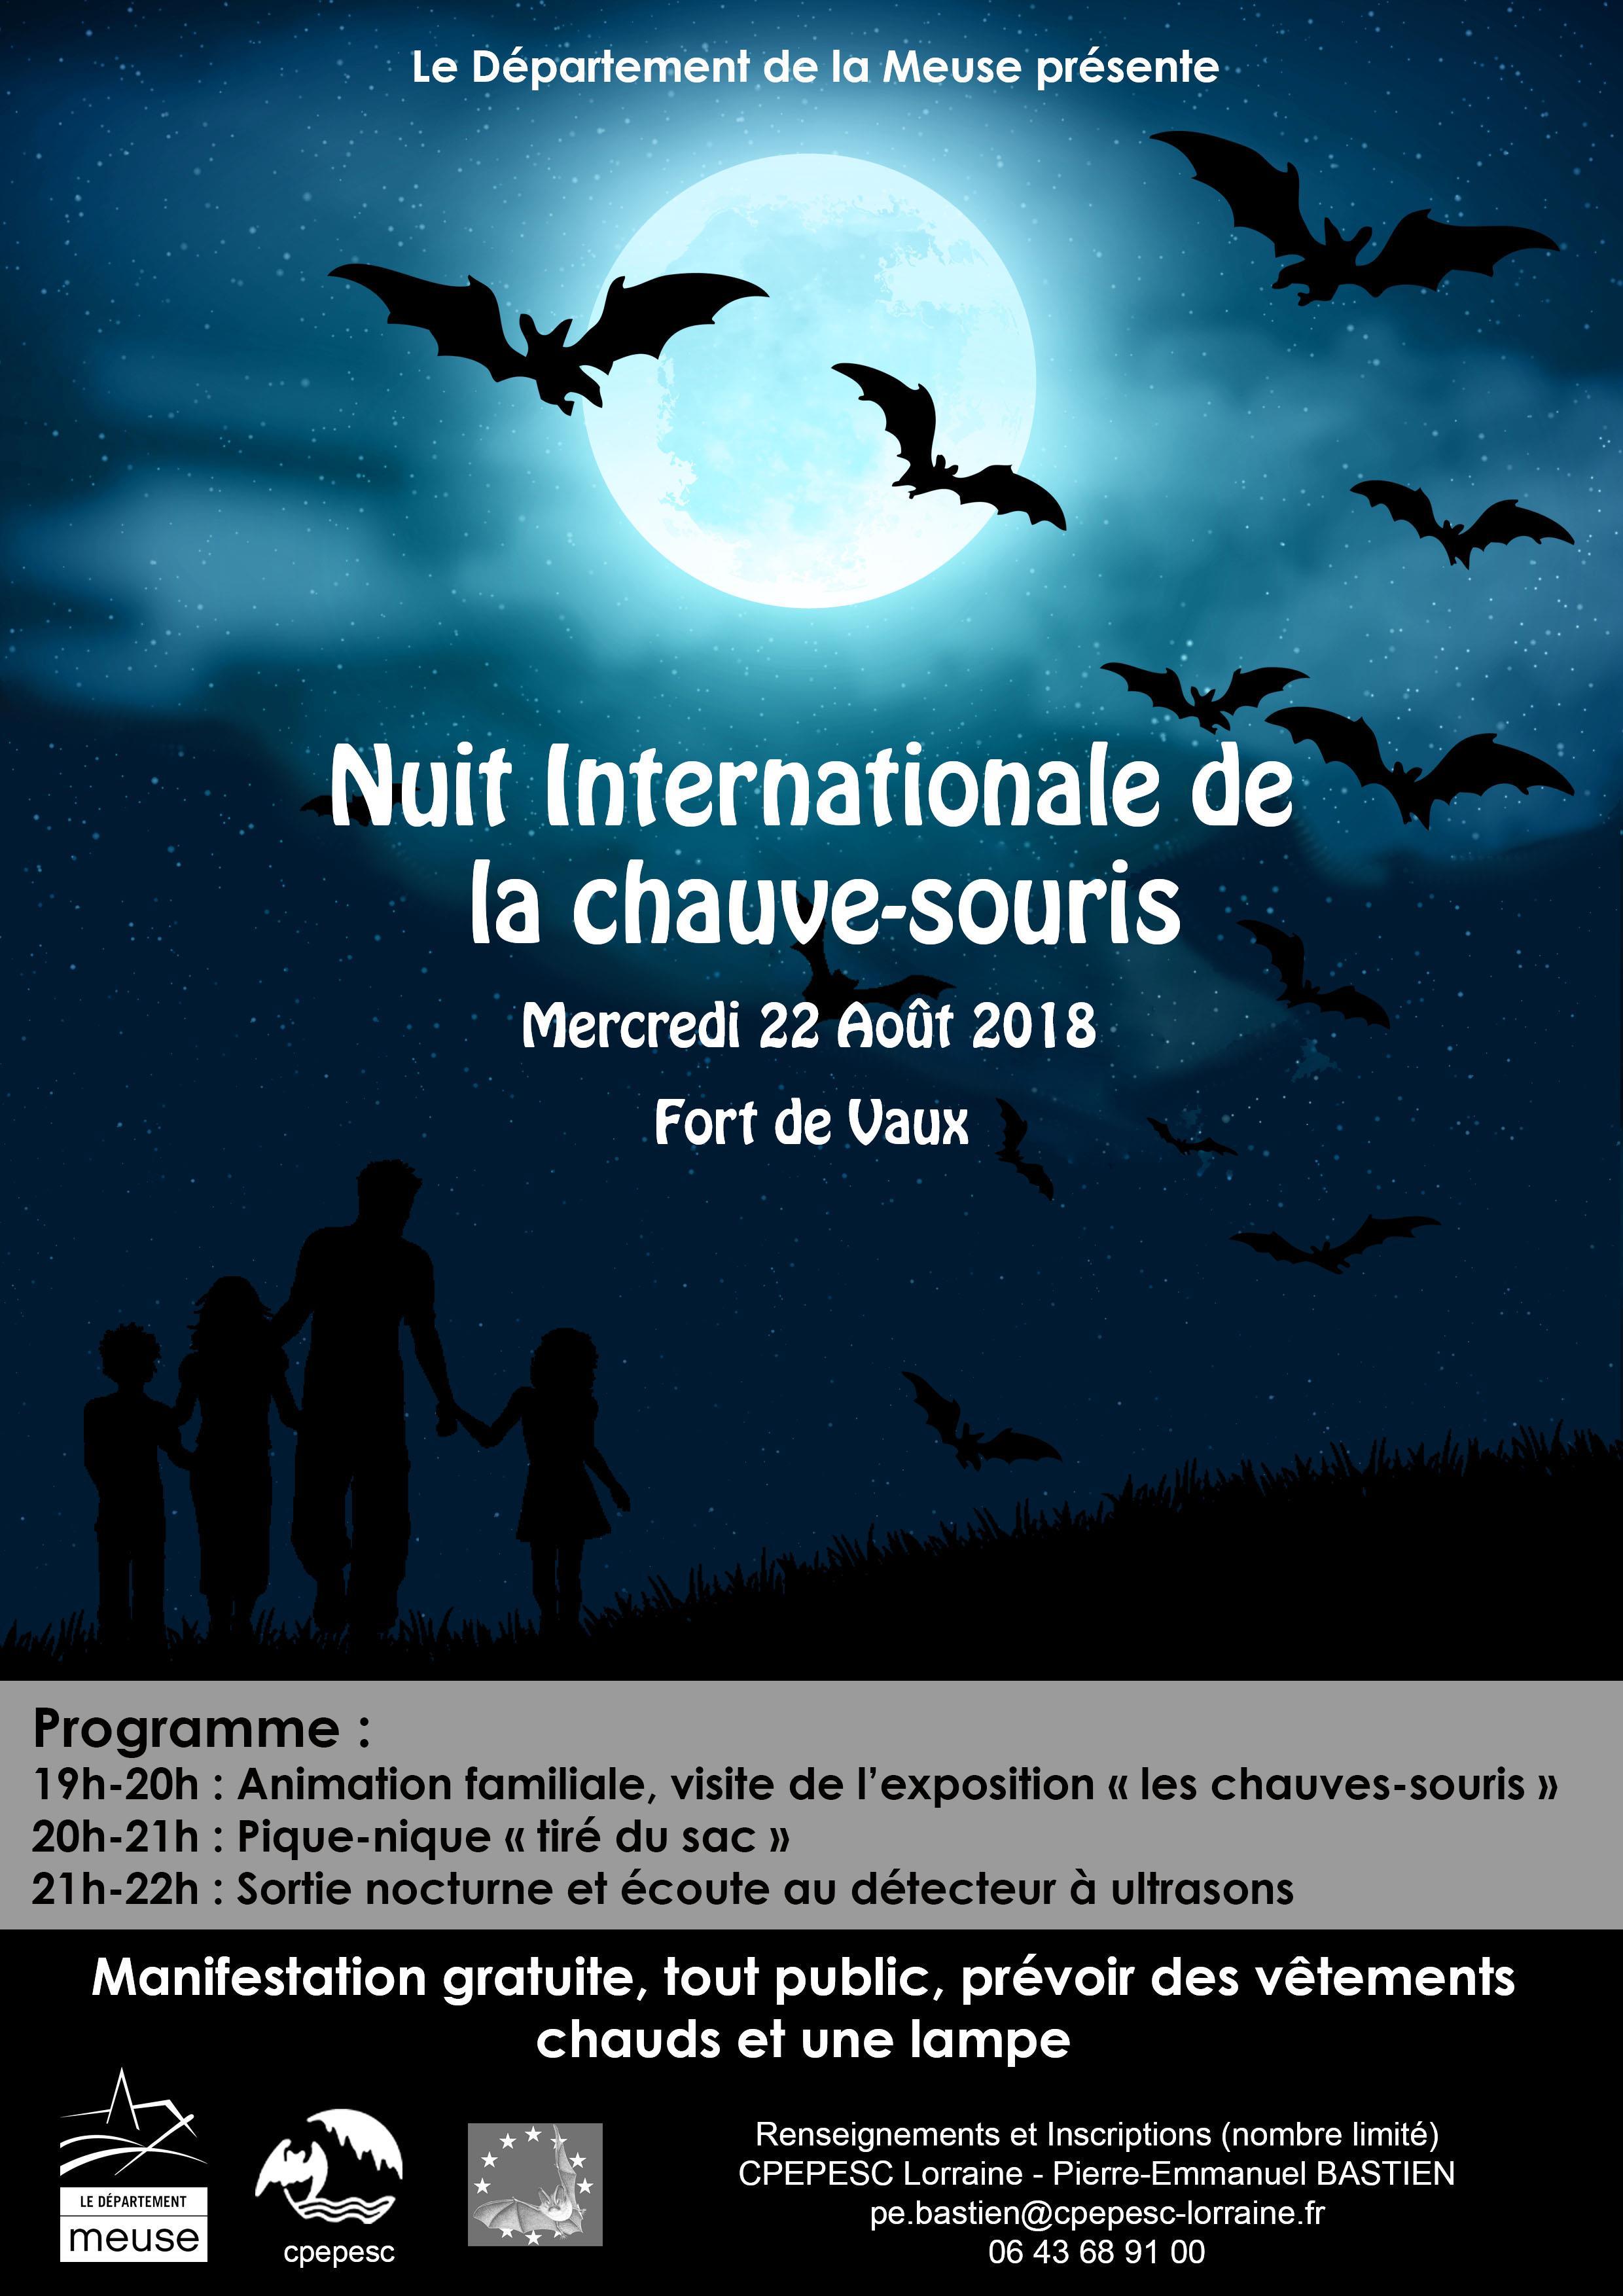 NUIT INTERNATIONALE DE LA CHAUVE-SOURIS : CHAUVES-SOURIS ET OUVRAGES MILITAIRES